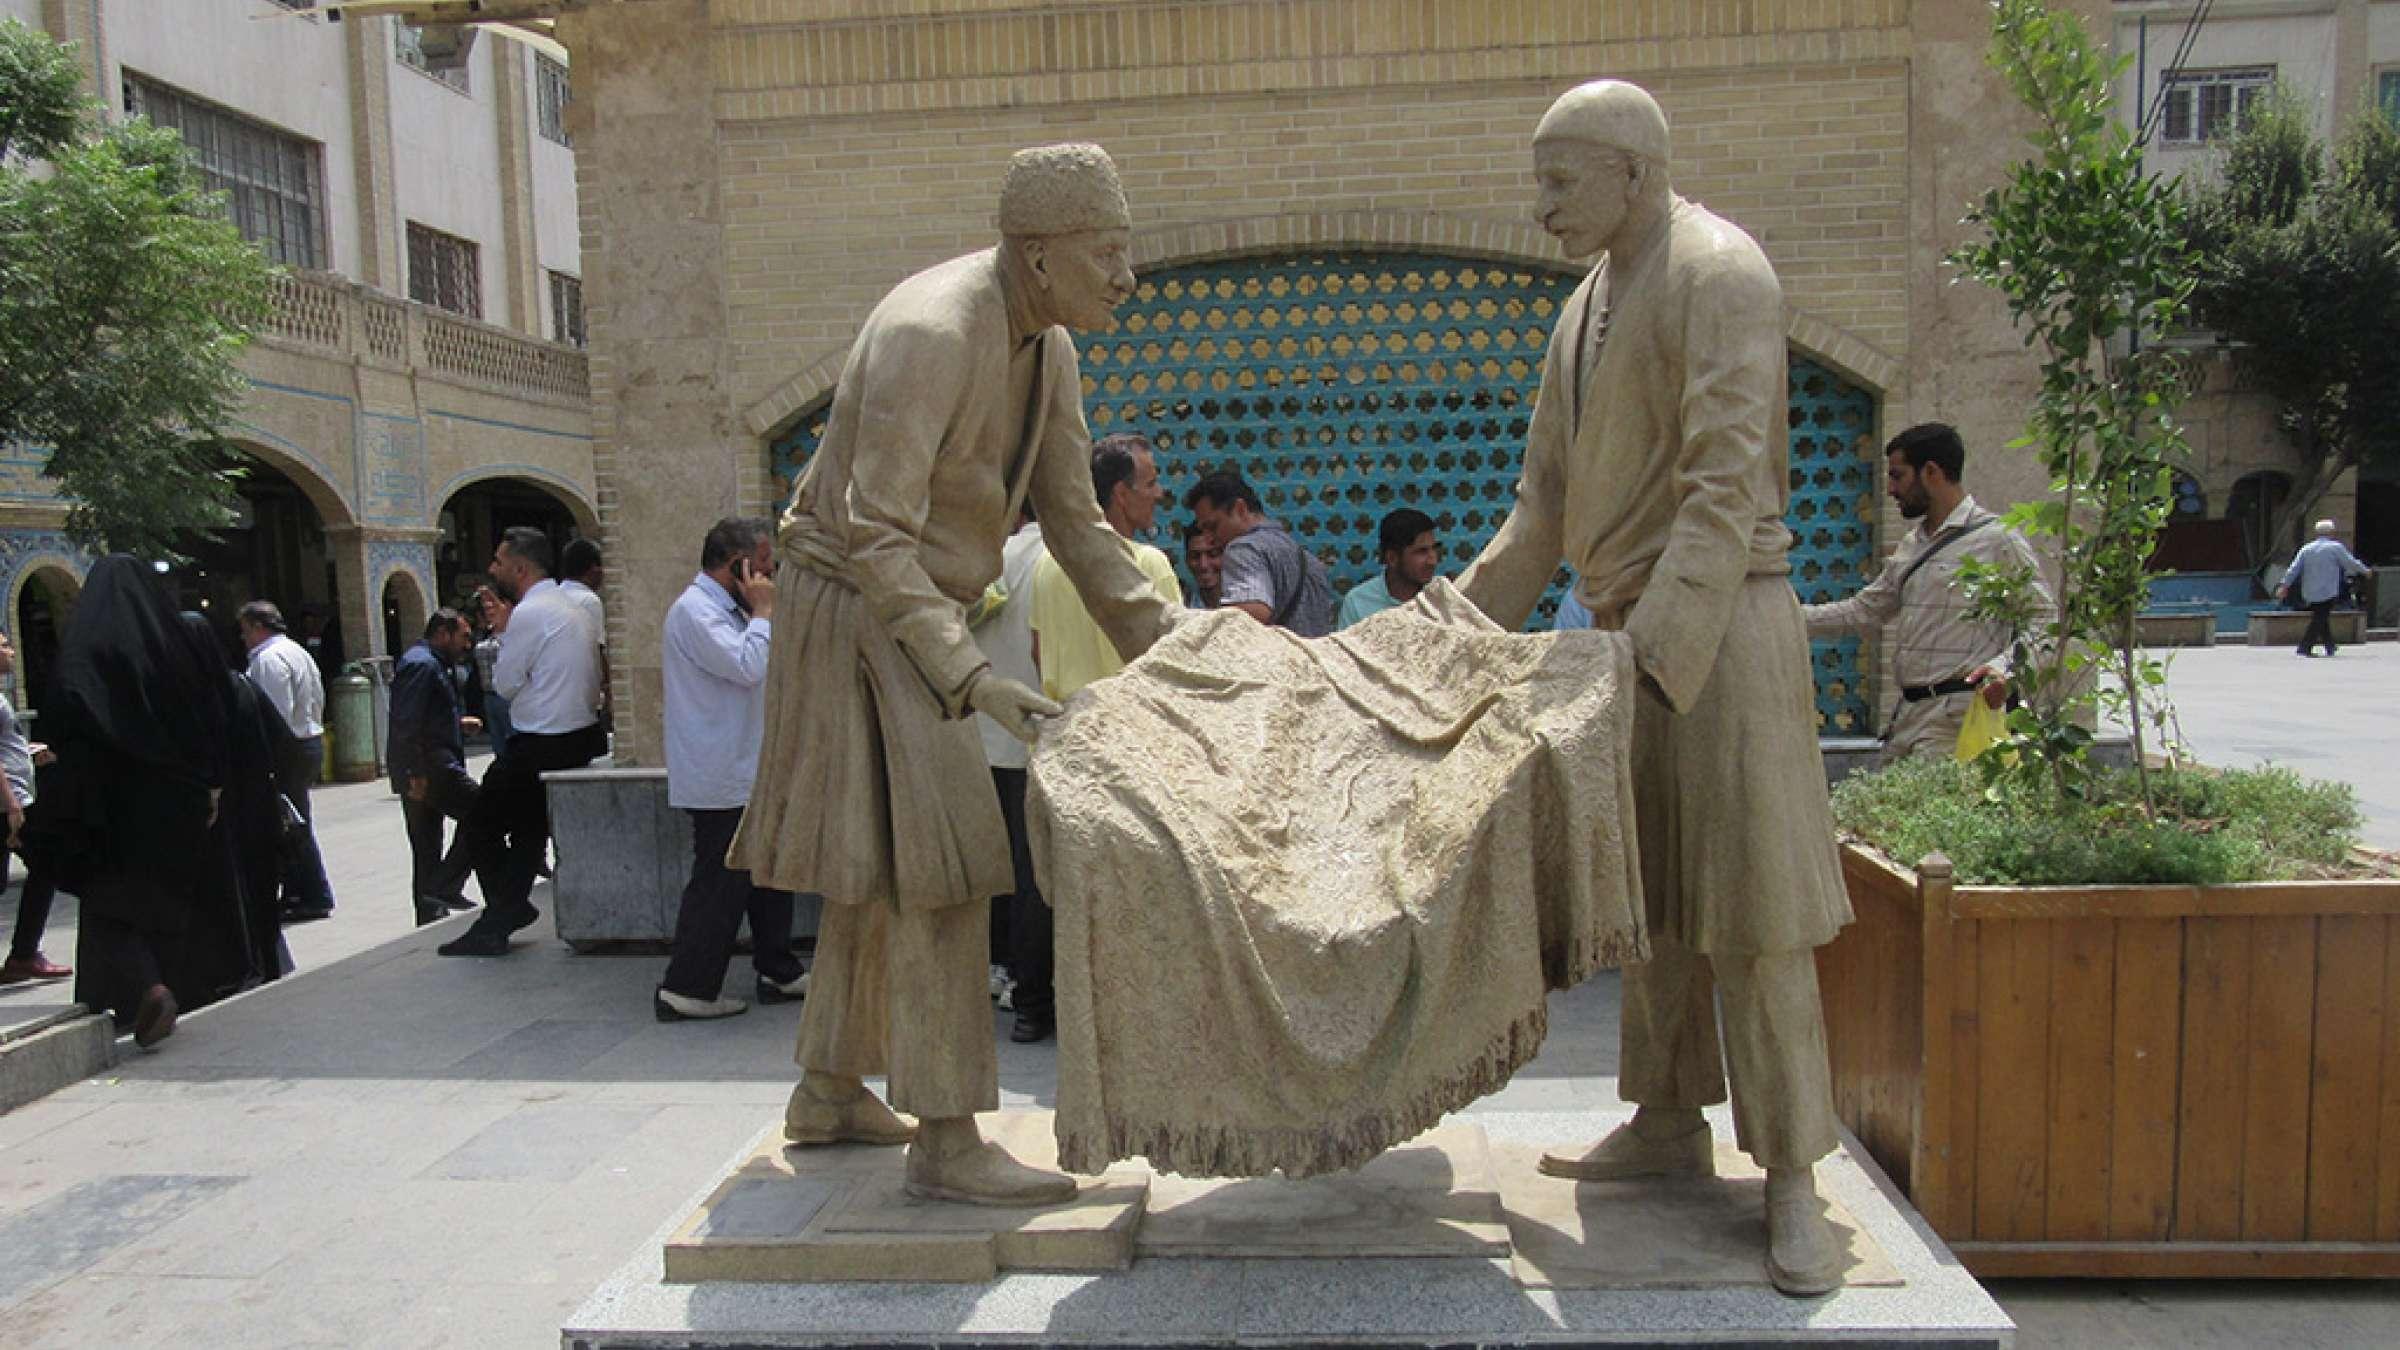 ادبیات-گلمحمدی-با-من-به-بازار-تهران-بیایید-دو-مجسمه